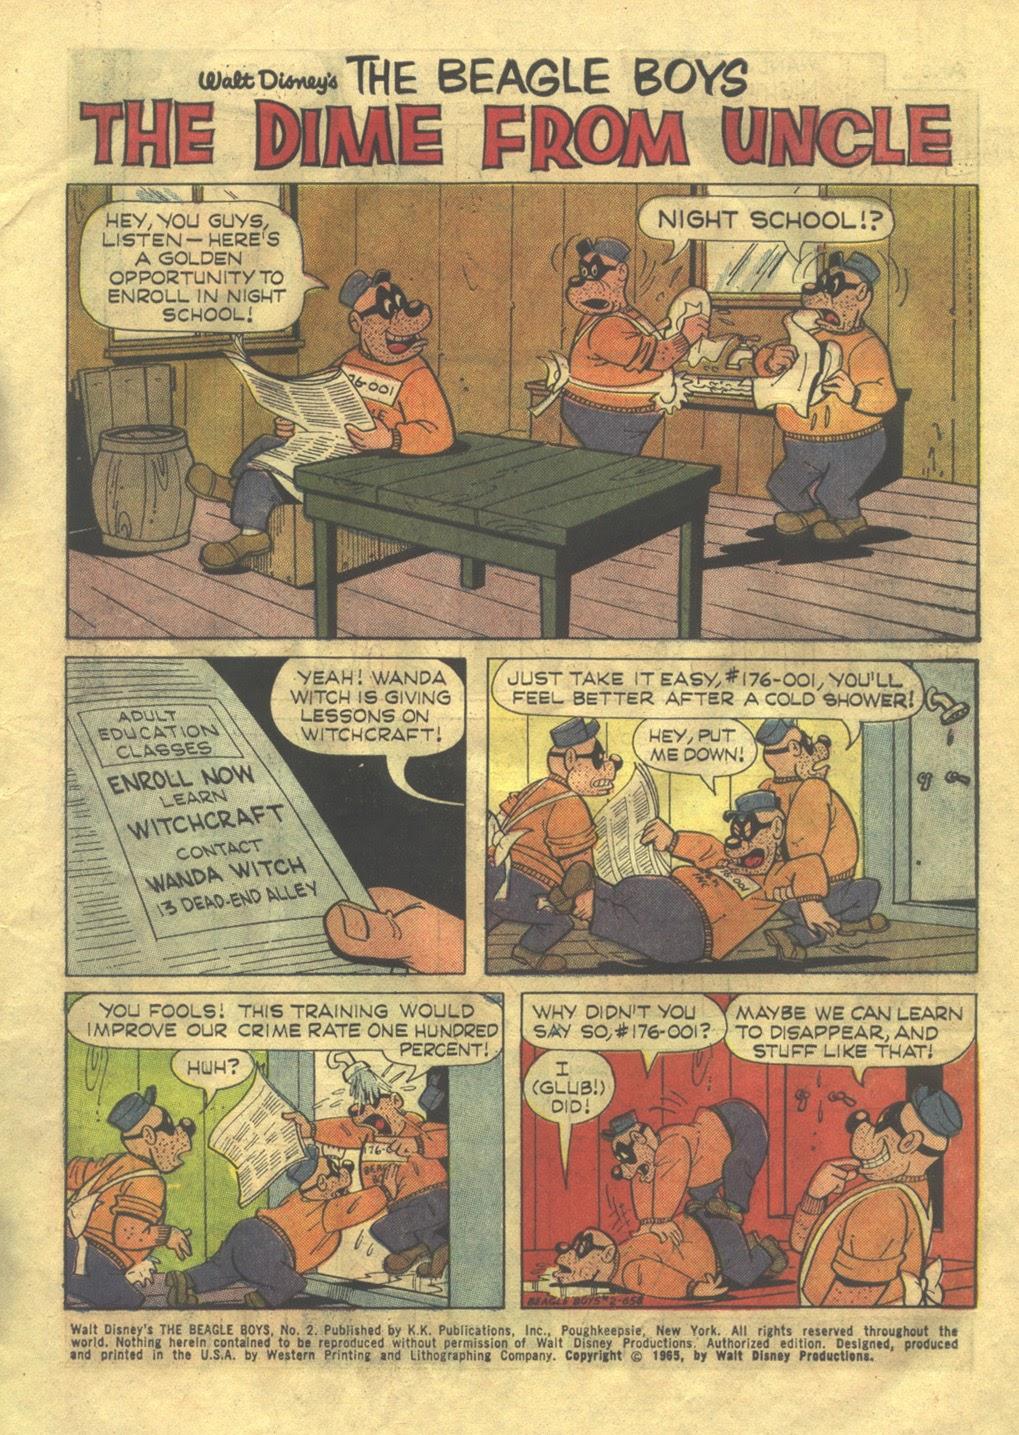 Walt Disney THE BEAGLE BOYS issue 2 - Page 3